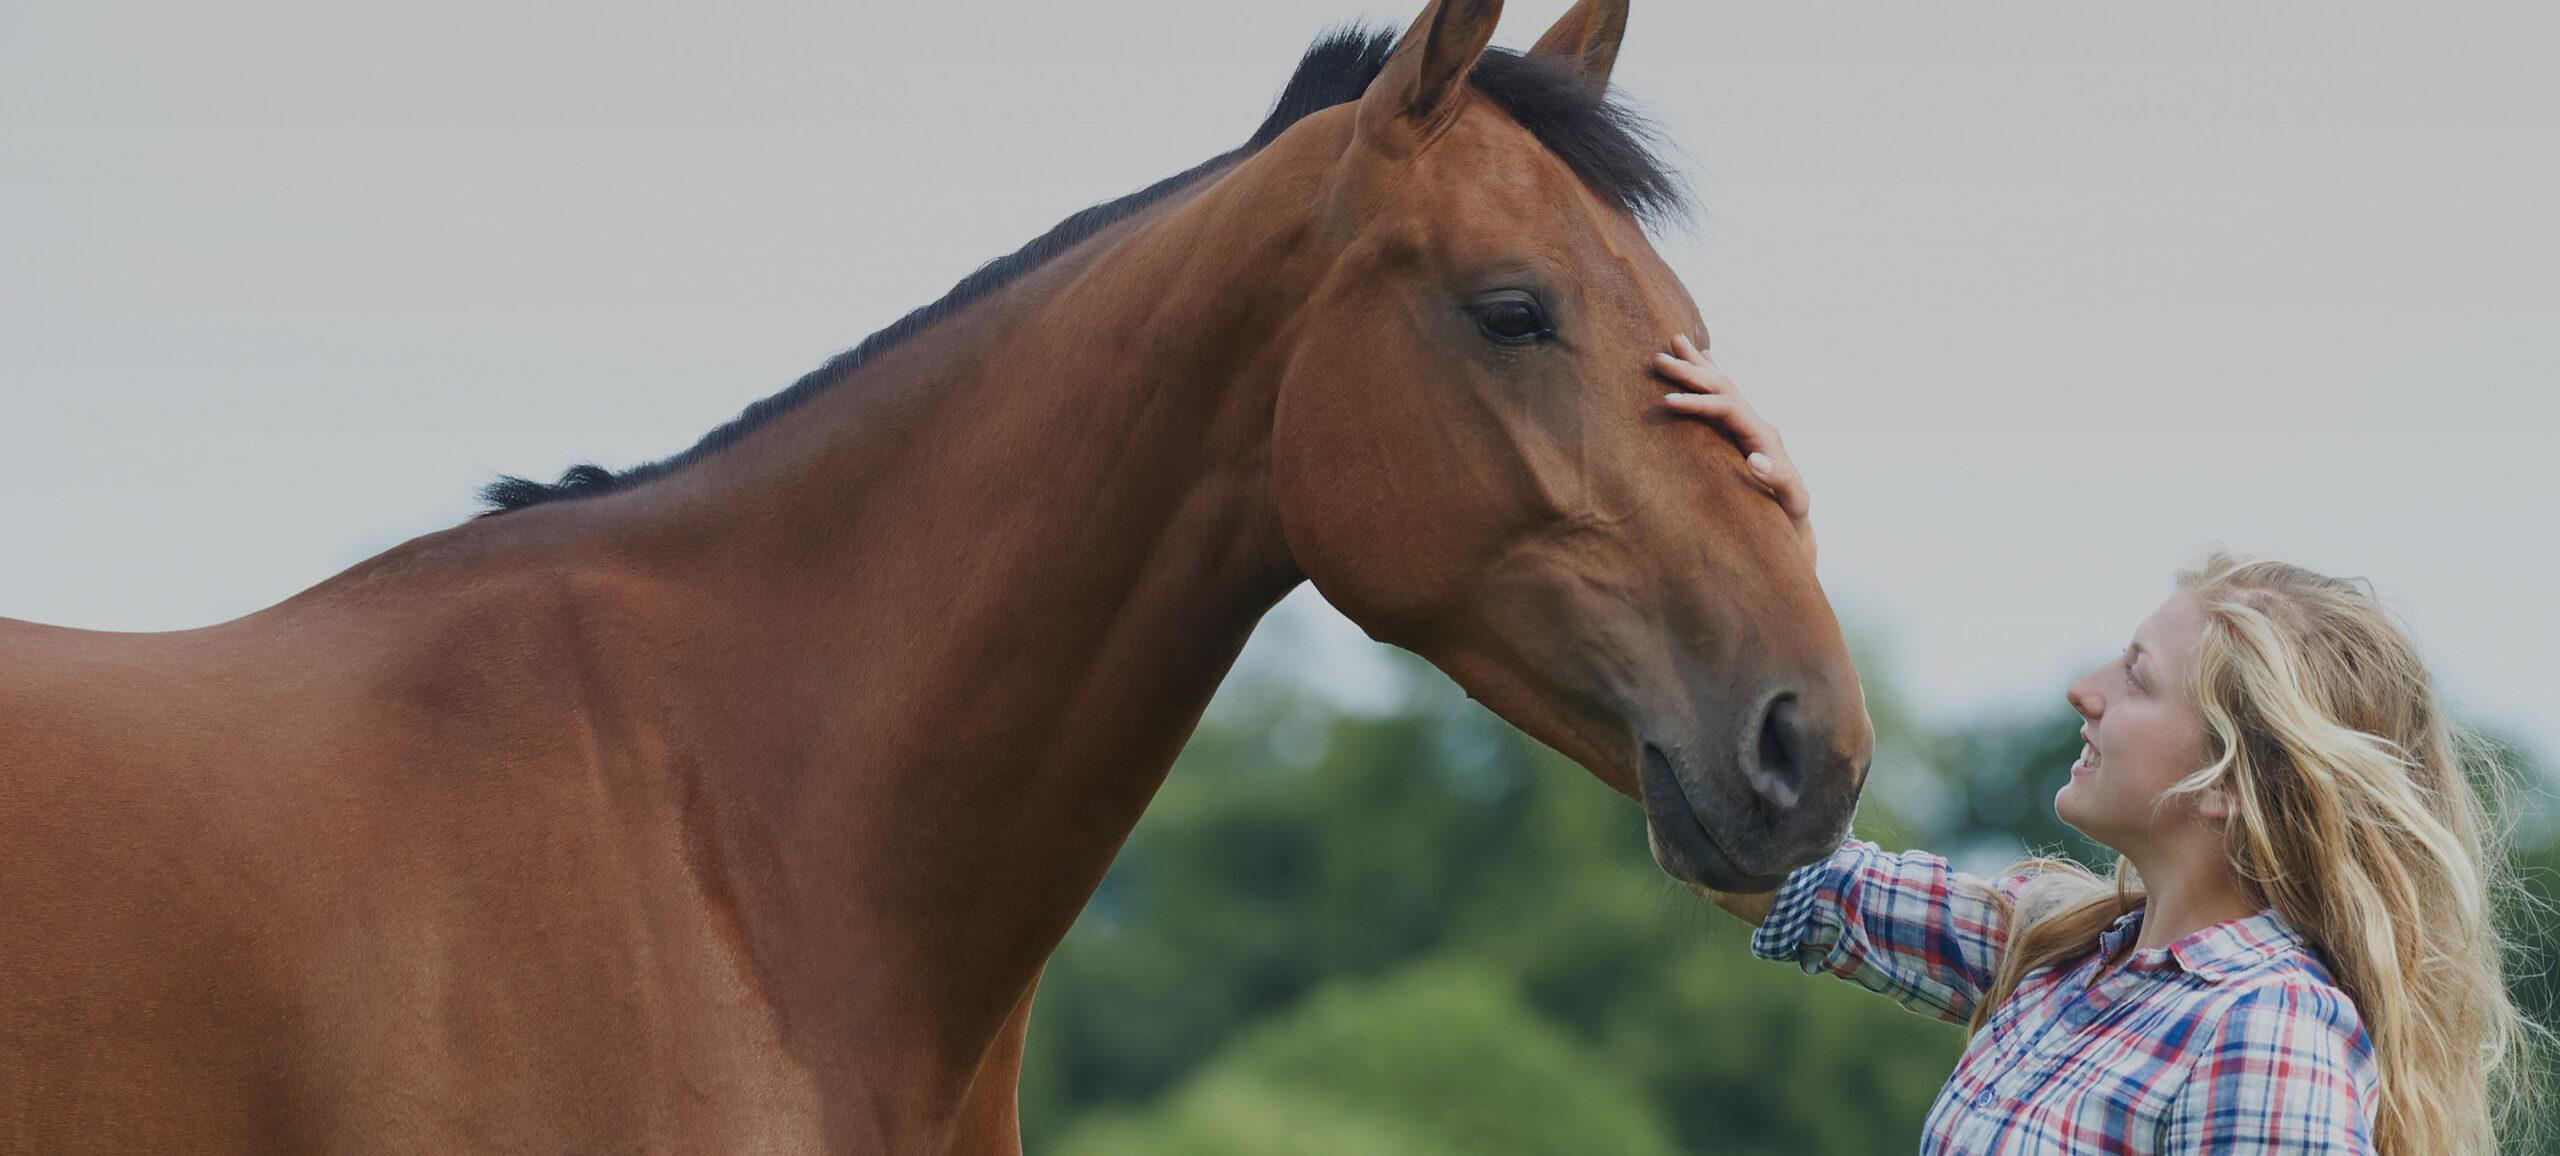 Frau streicht über den Kopf eines Pferdes